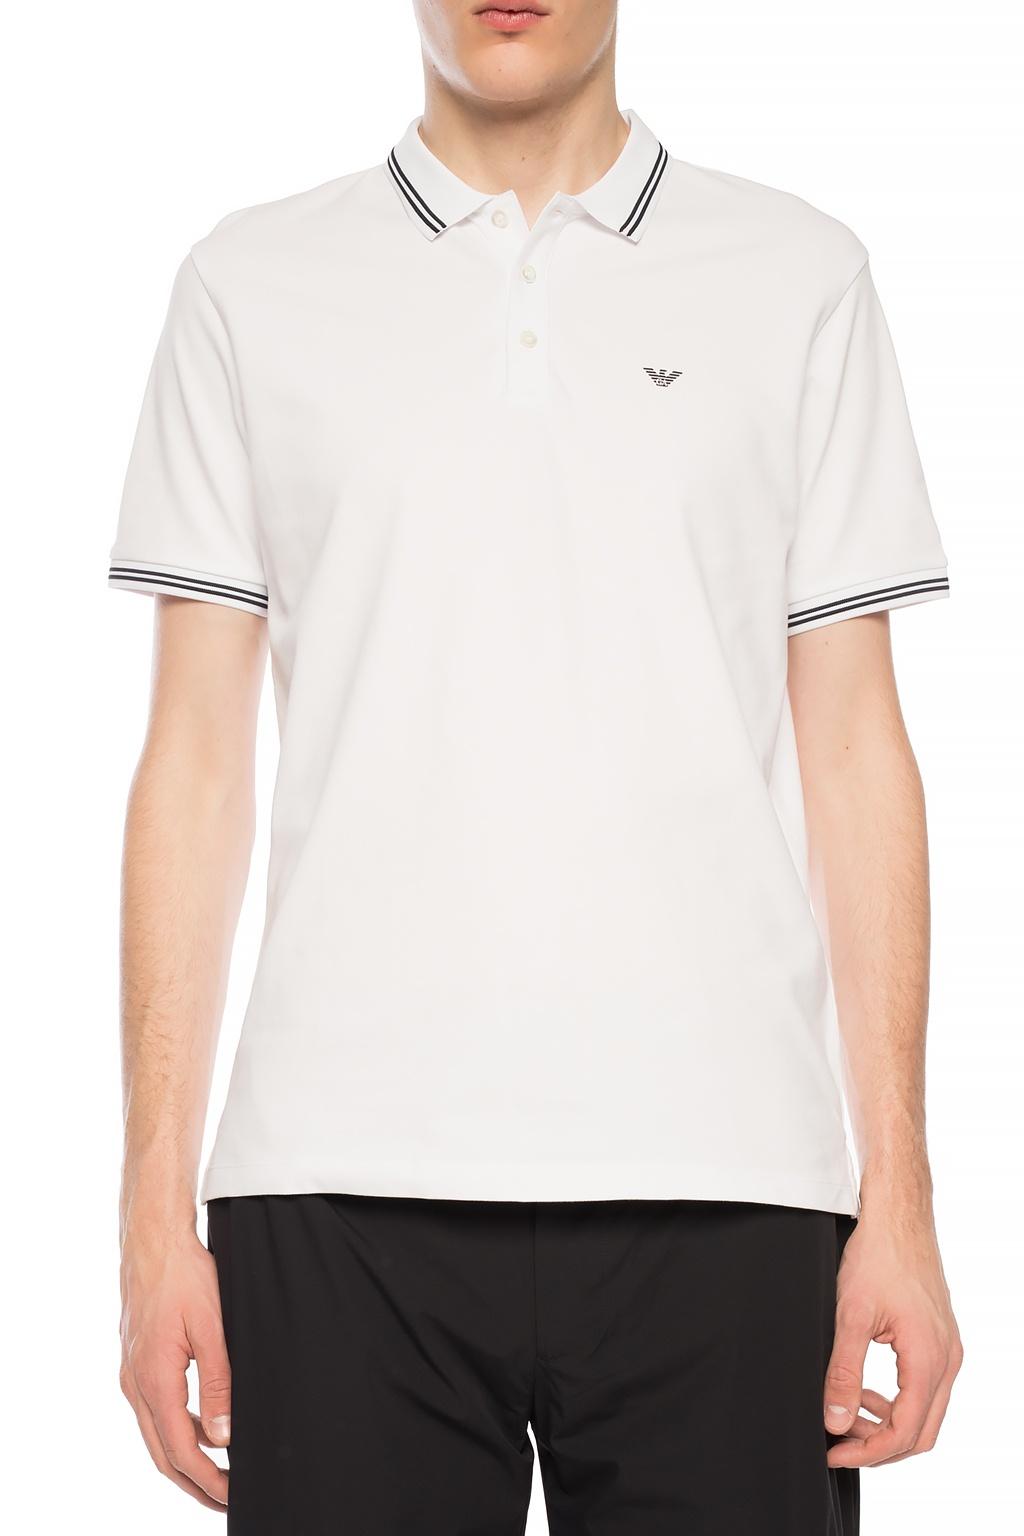 Emporio Armani Polo shirt with logo